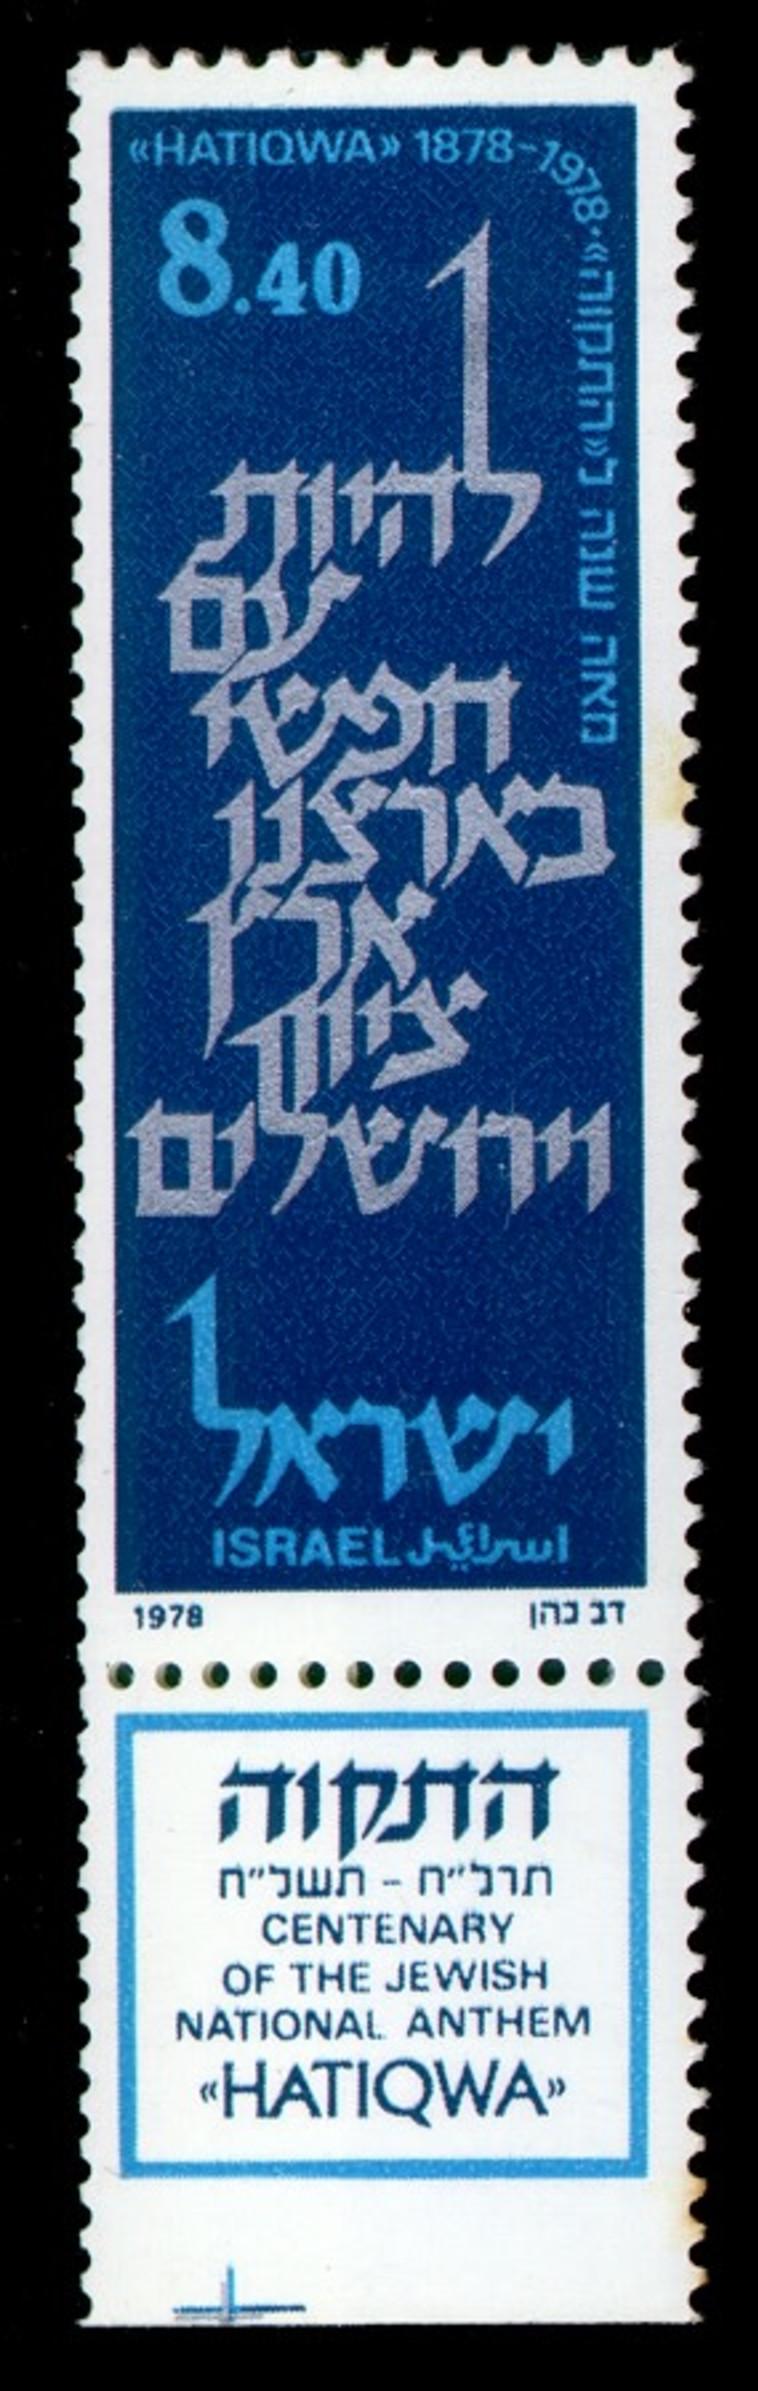 בול מאה שנה להמנון התקווה, שנת הנפקה 1978 (צילום: באדיבות השירות הבולאי בדואר ישראל)